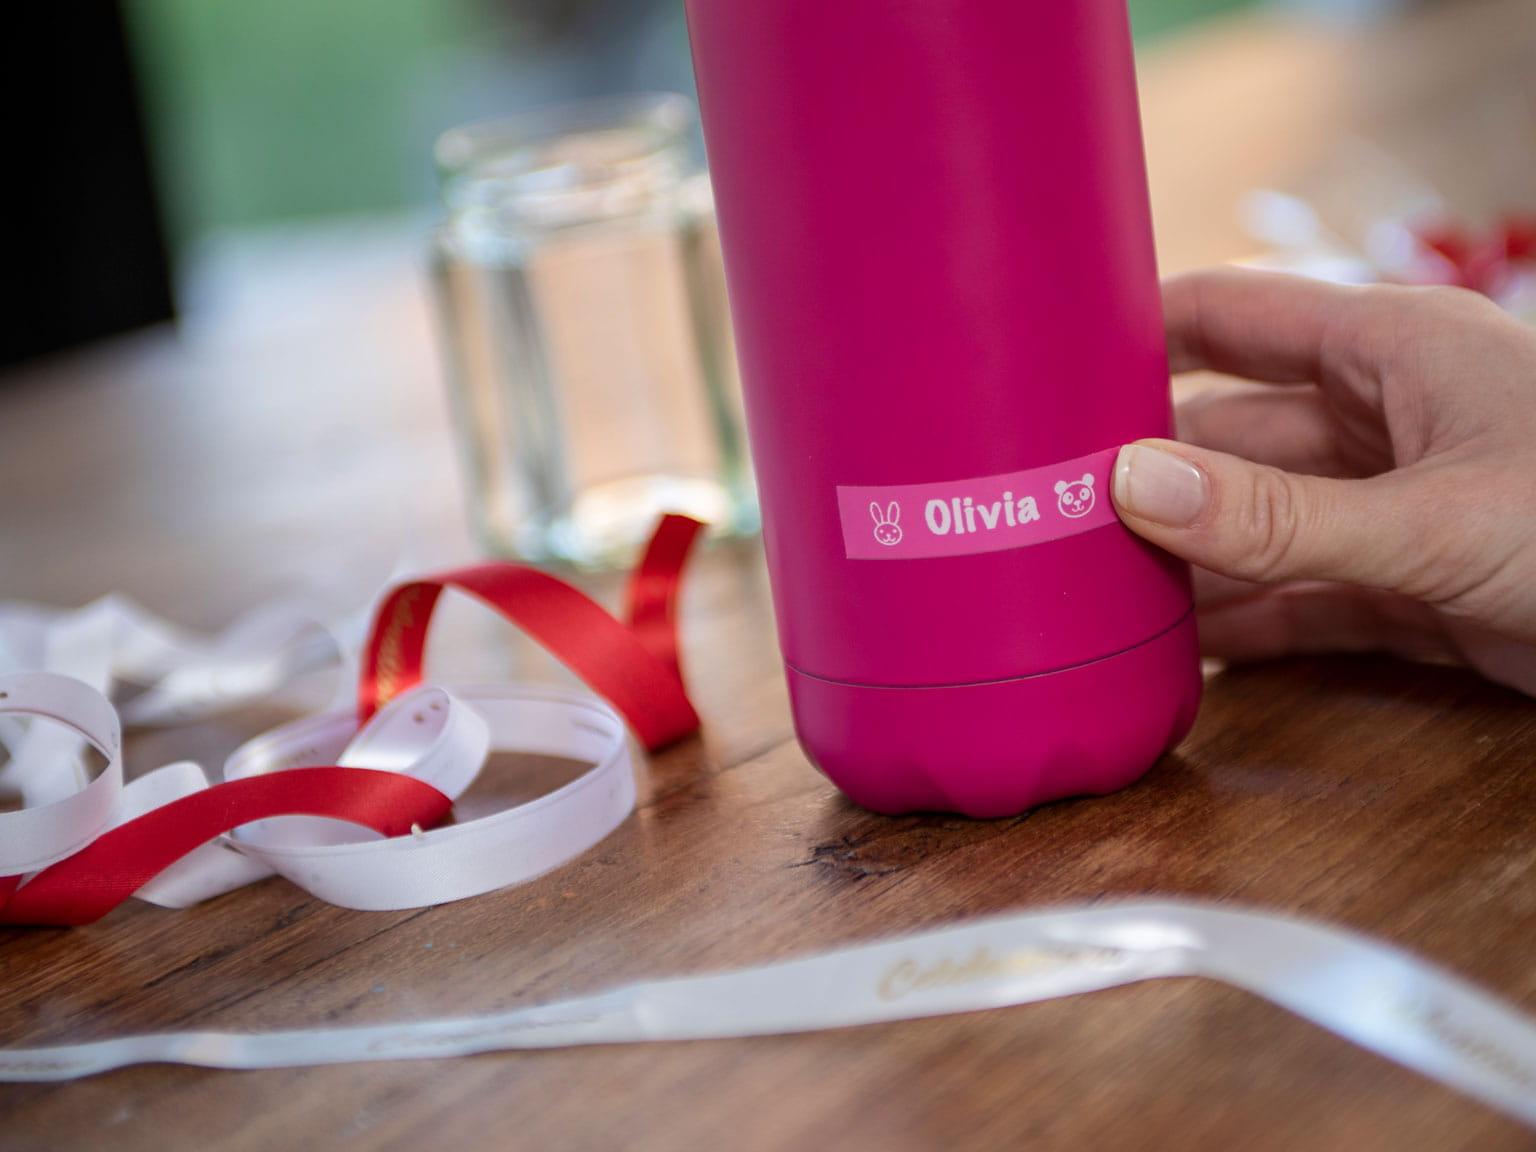 Brother rózsaszín címke rózsaszín vizes palackon, fehér és piros selyemszalaggal körülötte